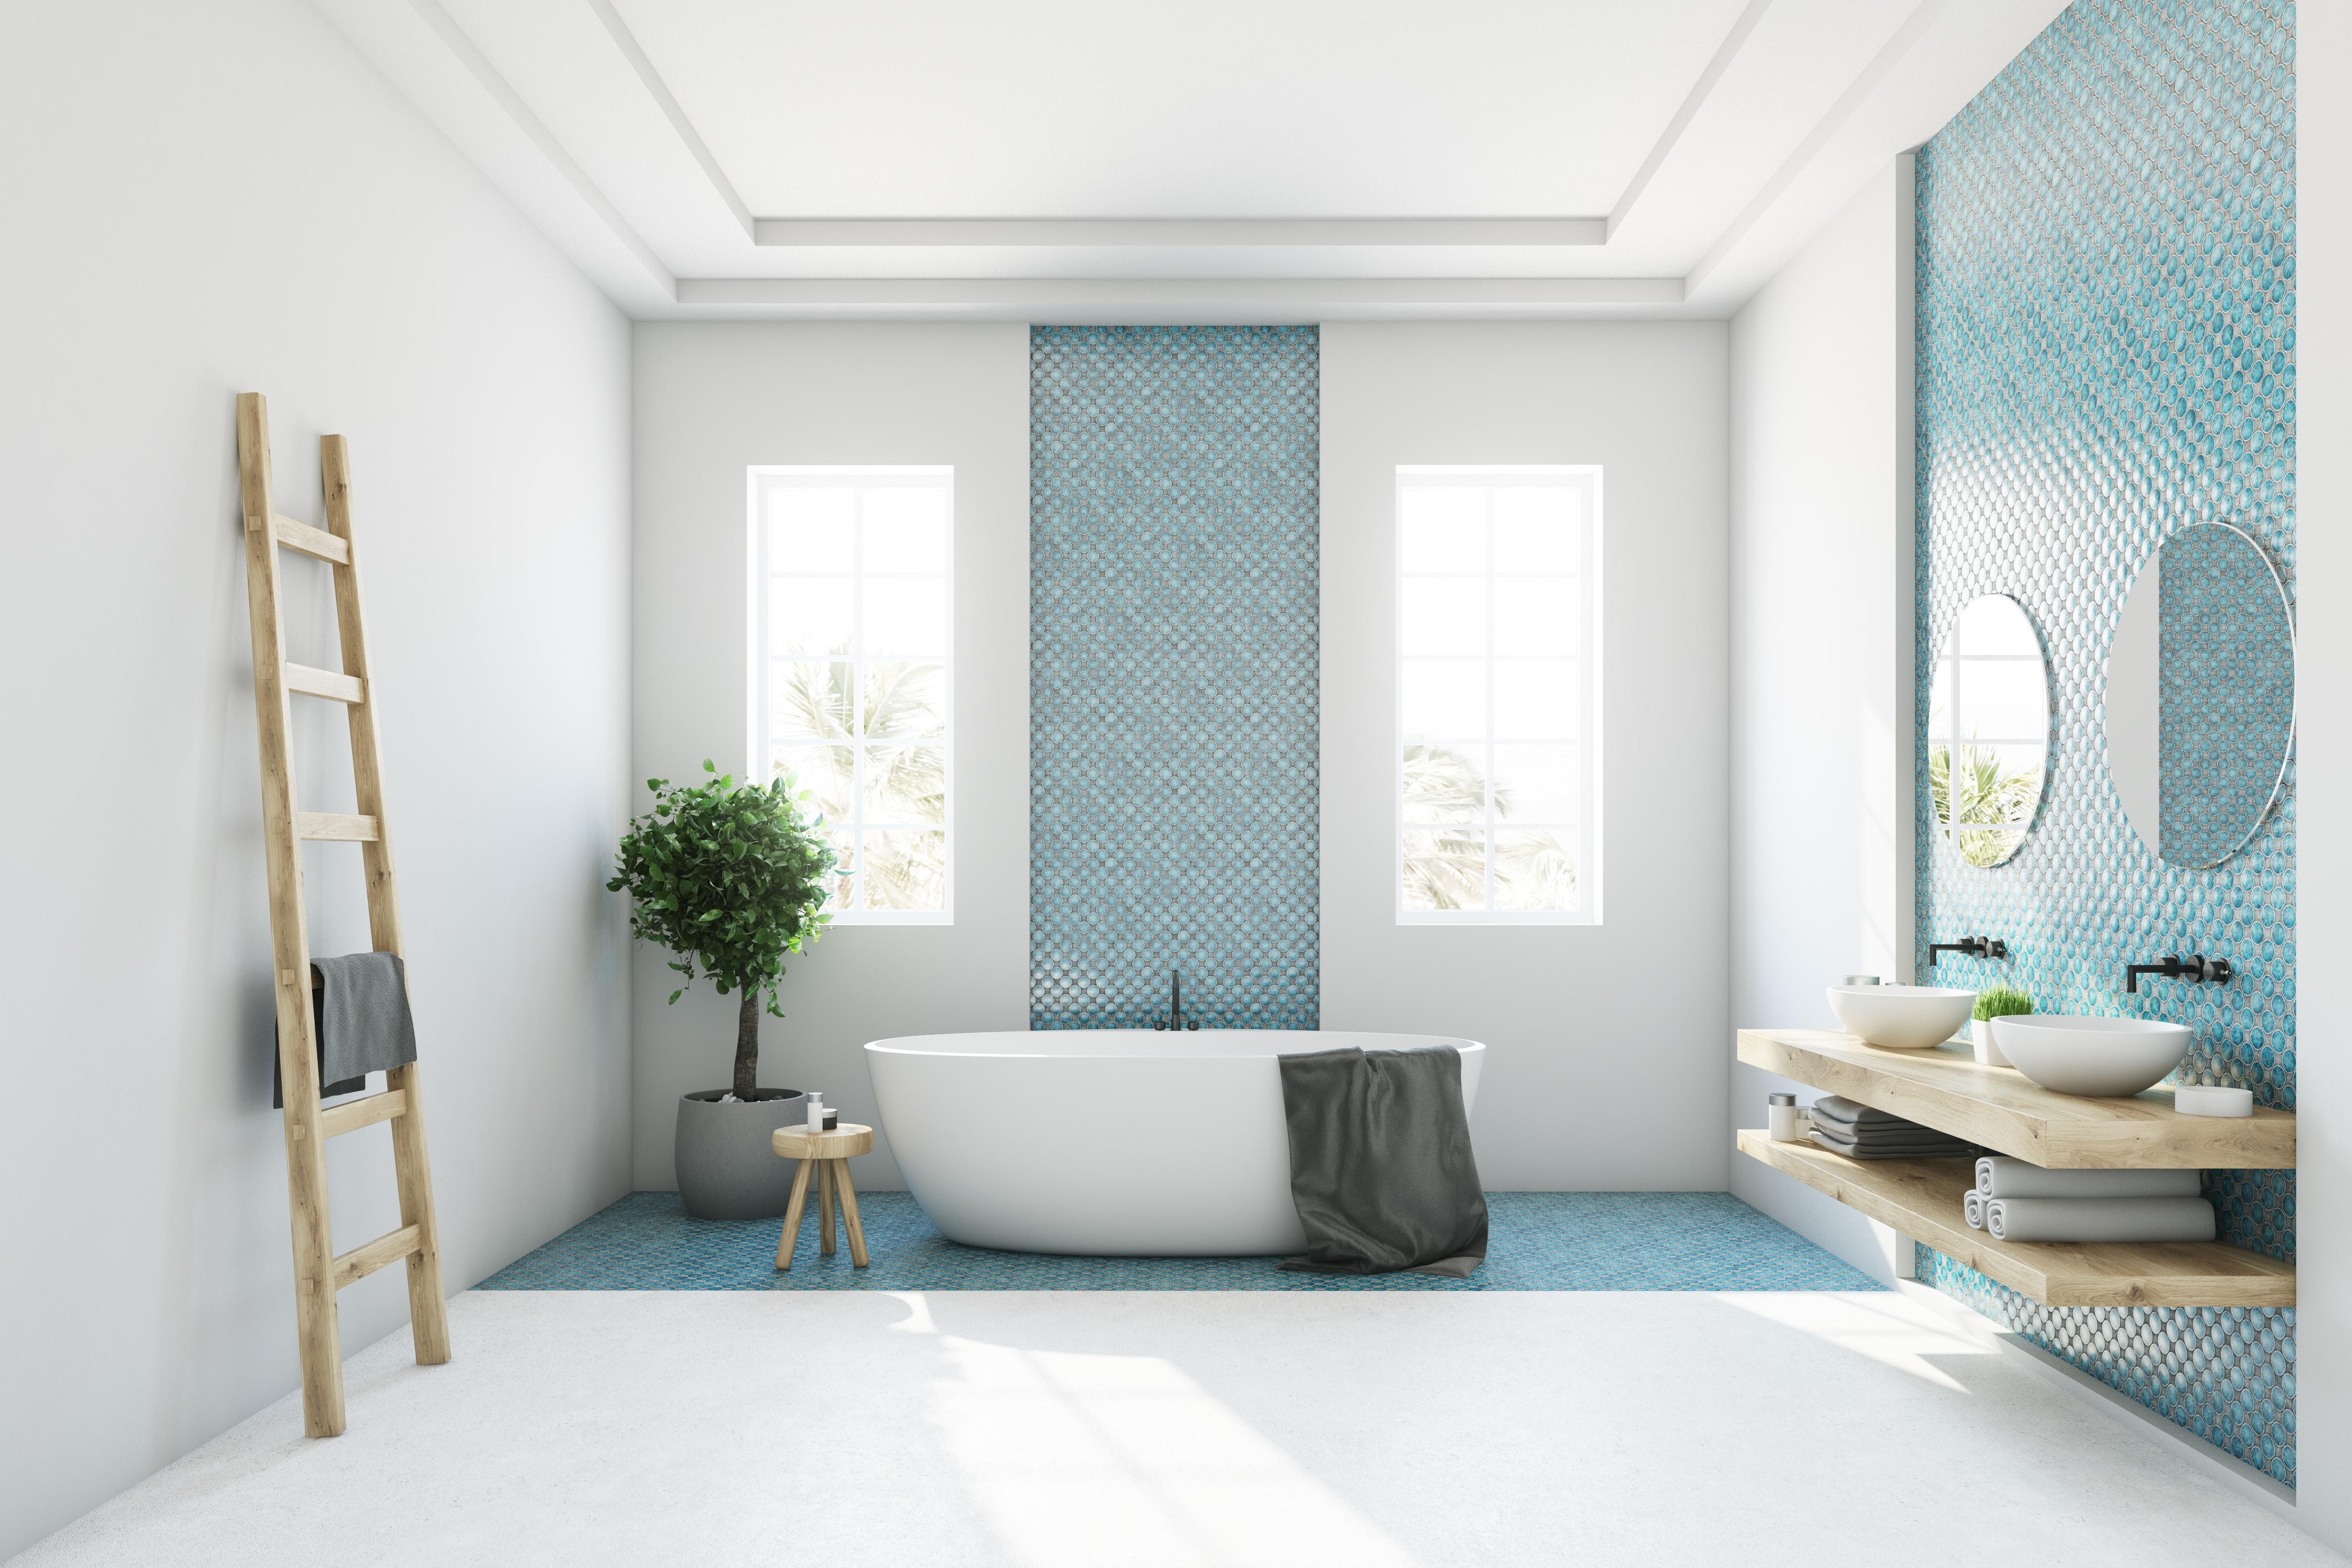 Modra kúpeľna